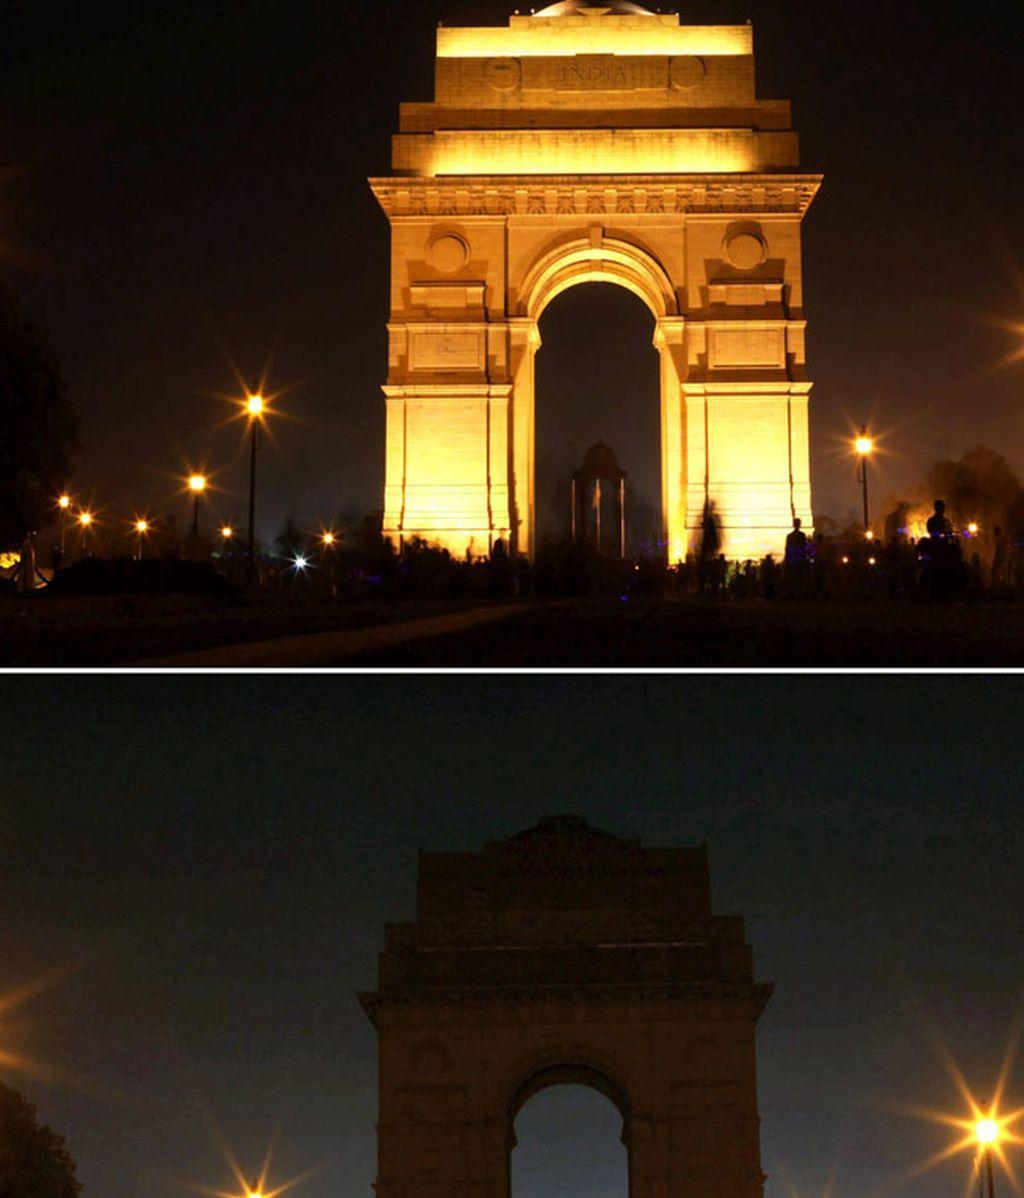 El mundo apaga sus luces por el medio ambiente